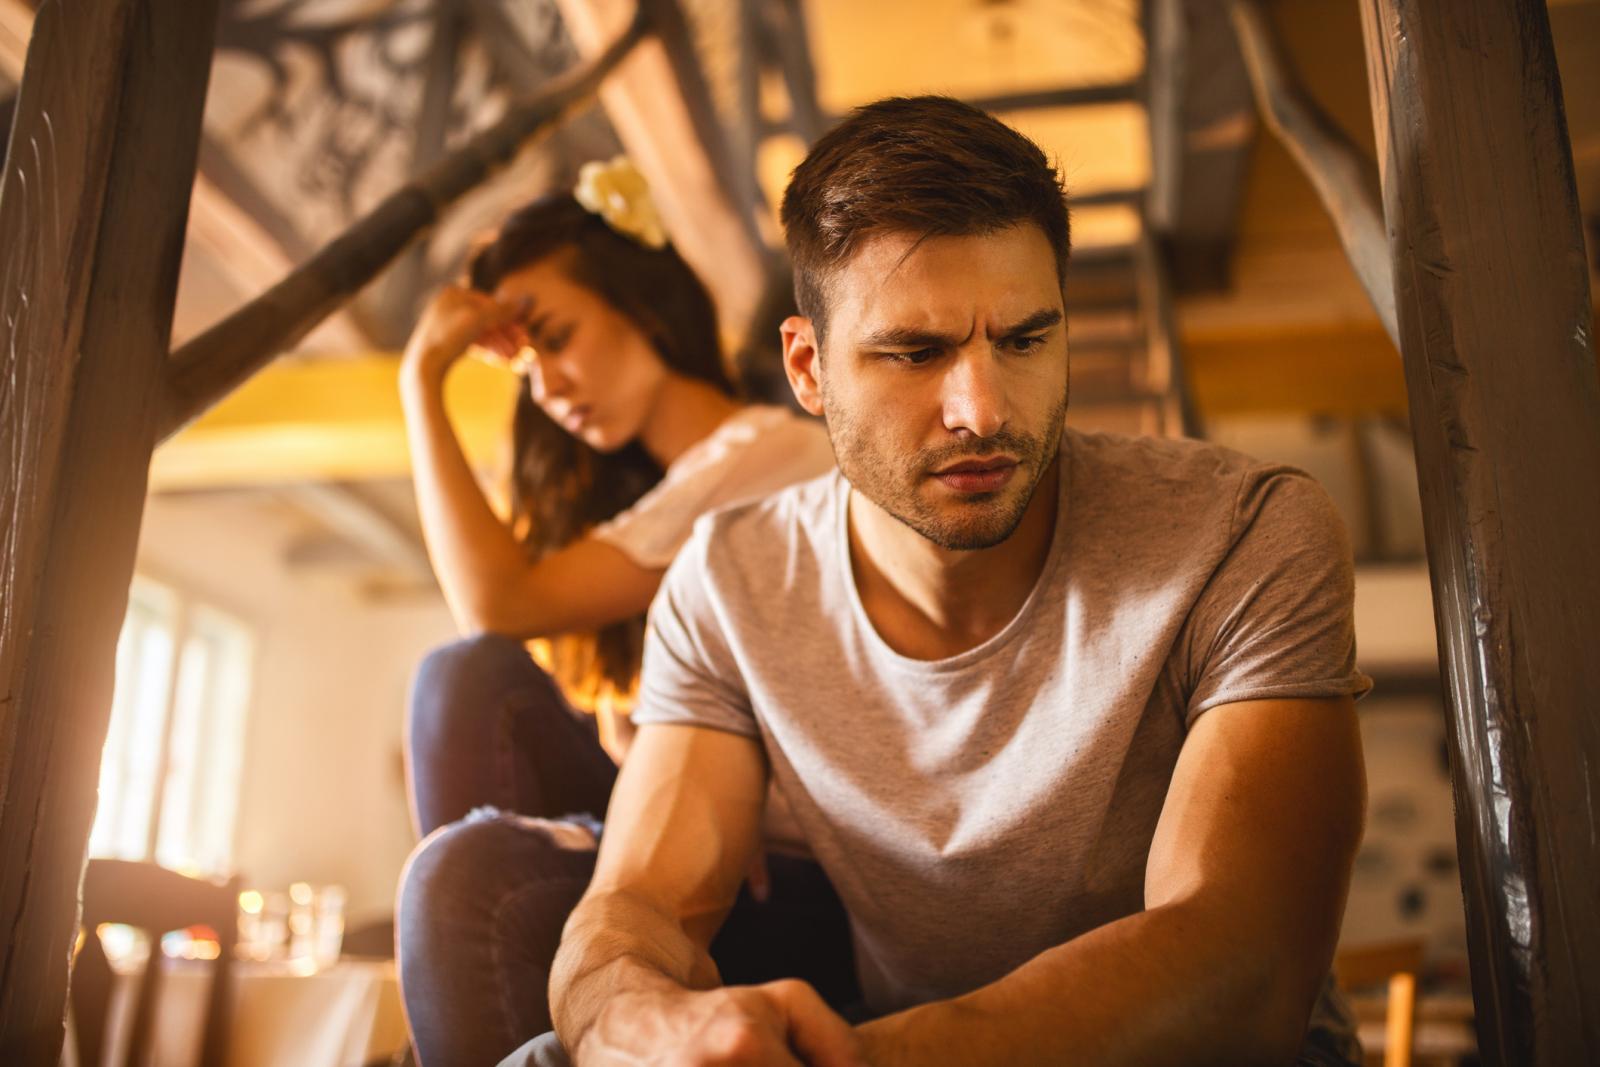 Većina muškaraca koji traže pomoć liječniku dolazi zbog erektilne disfunkcije.